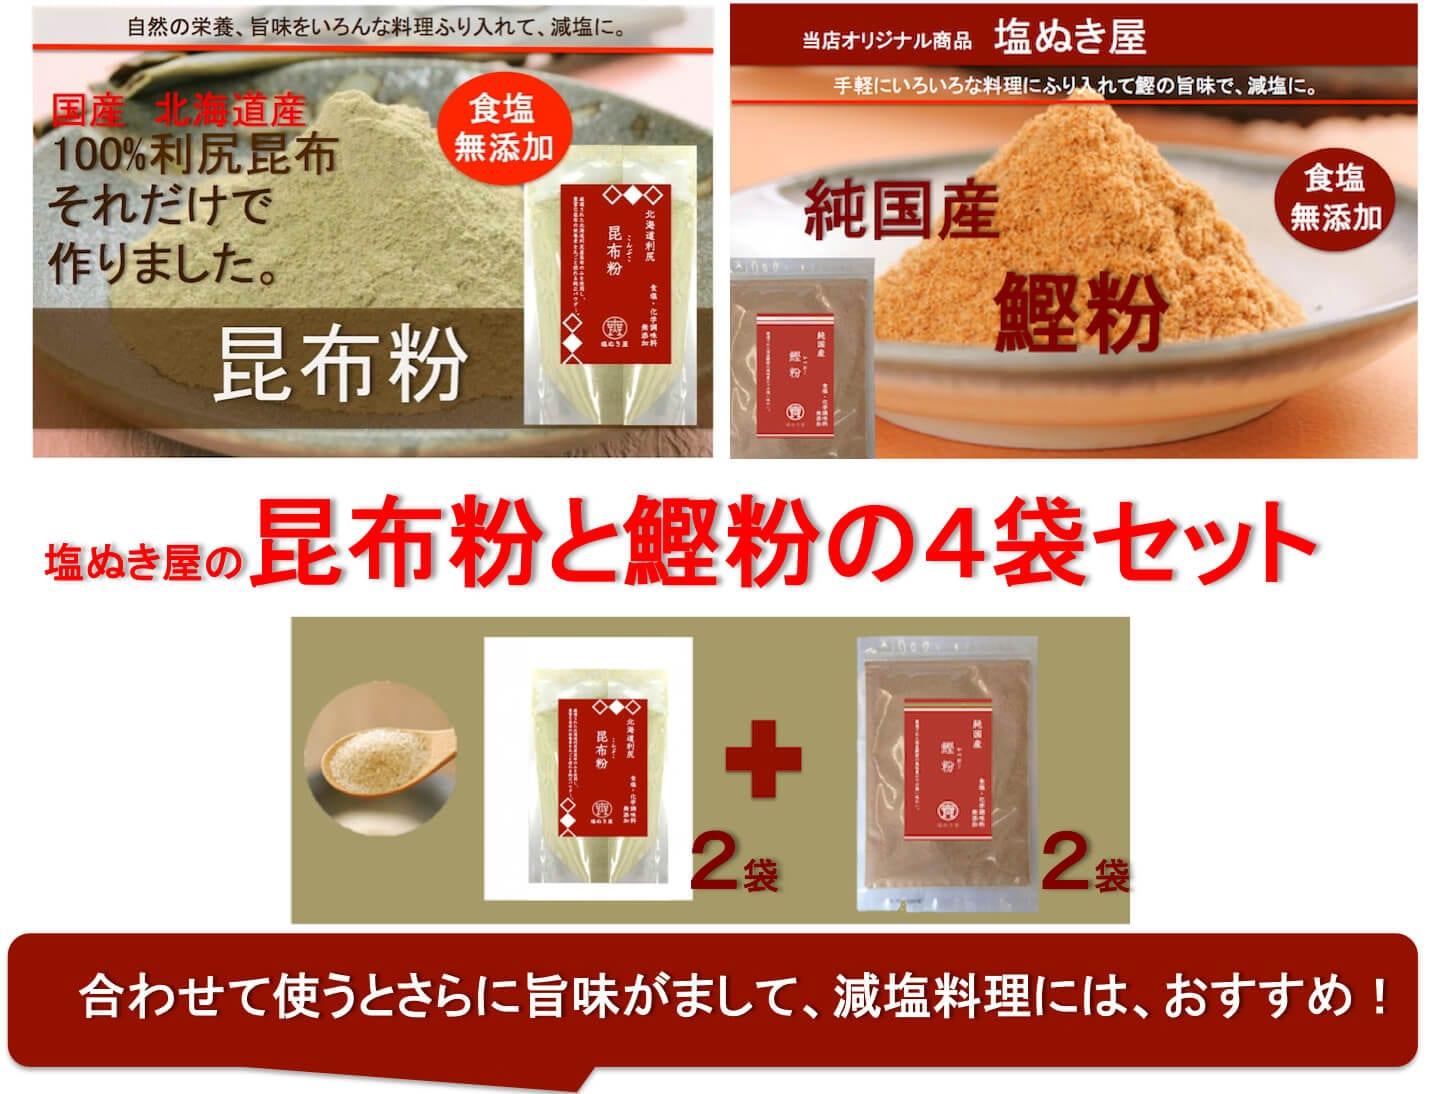 食塩不使用、減塩、無塩、昆布粉、鰹粉